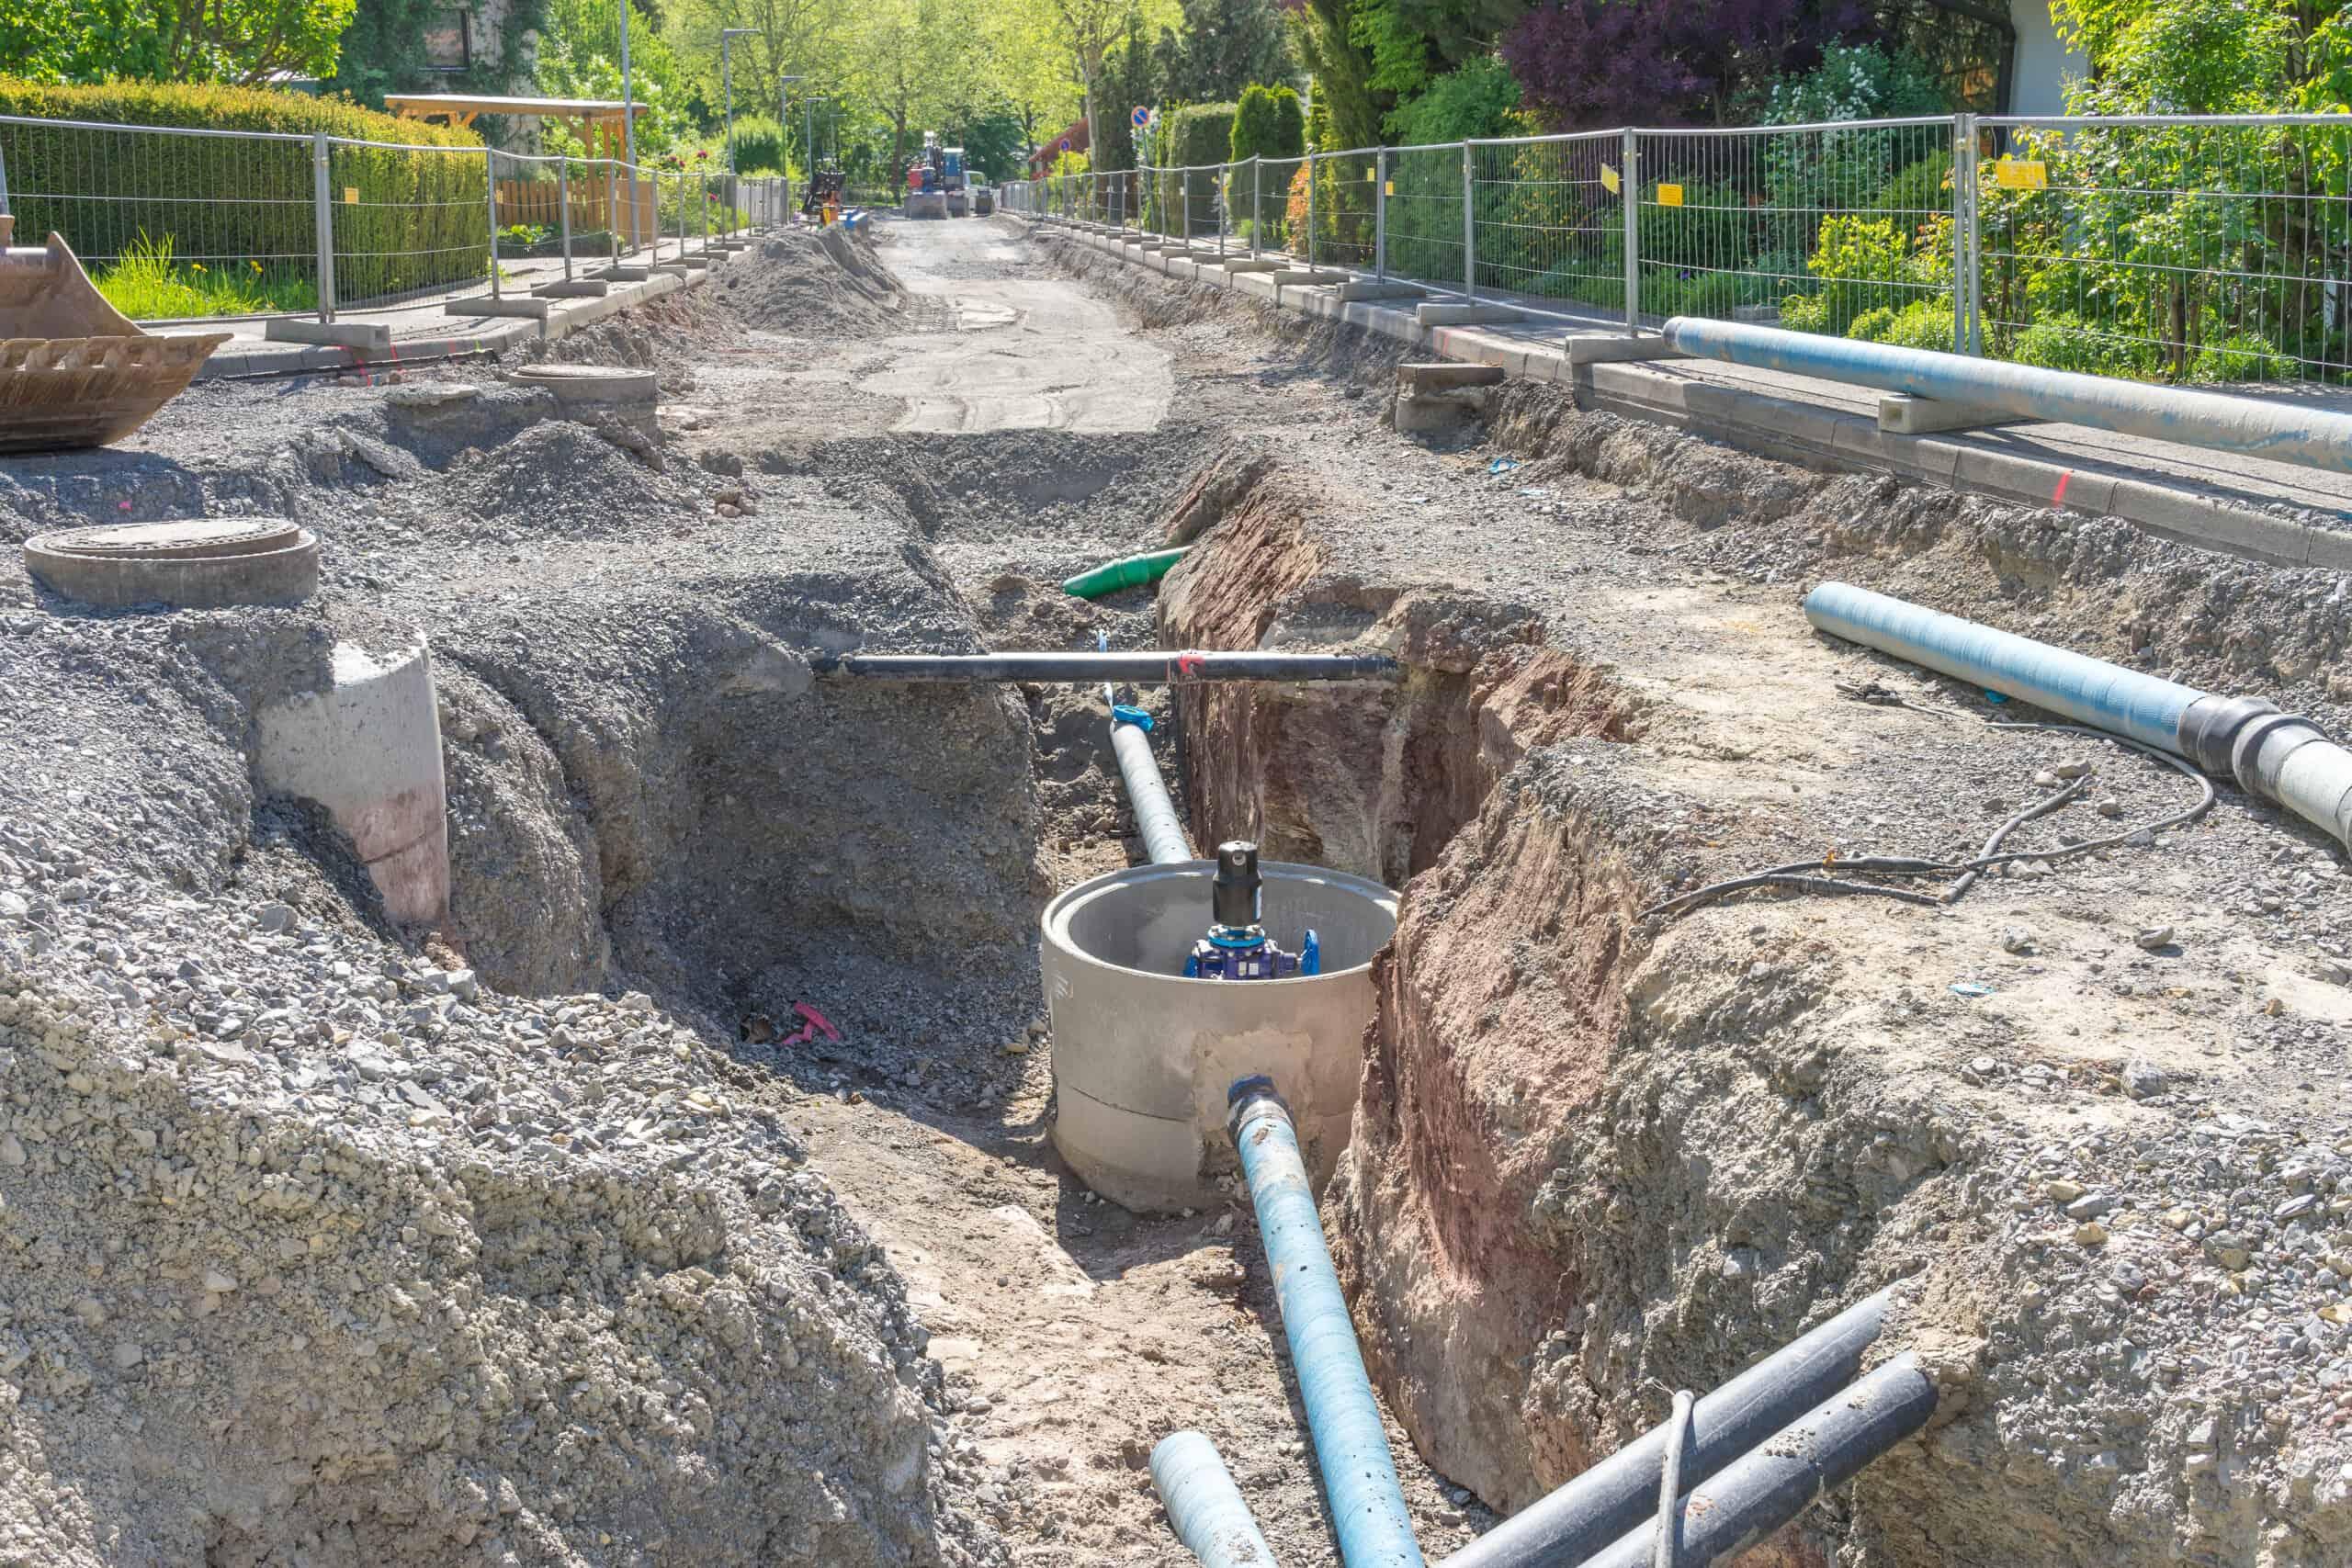 Auswechseln der Wasserleitung im Wohngebiet Deierer